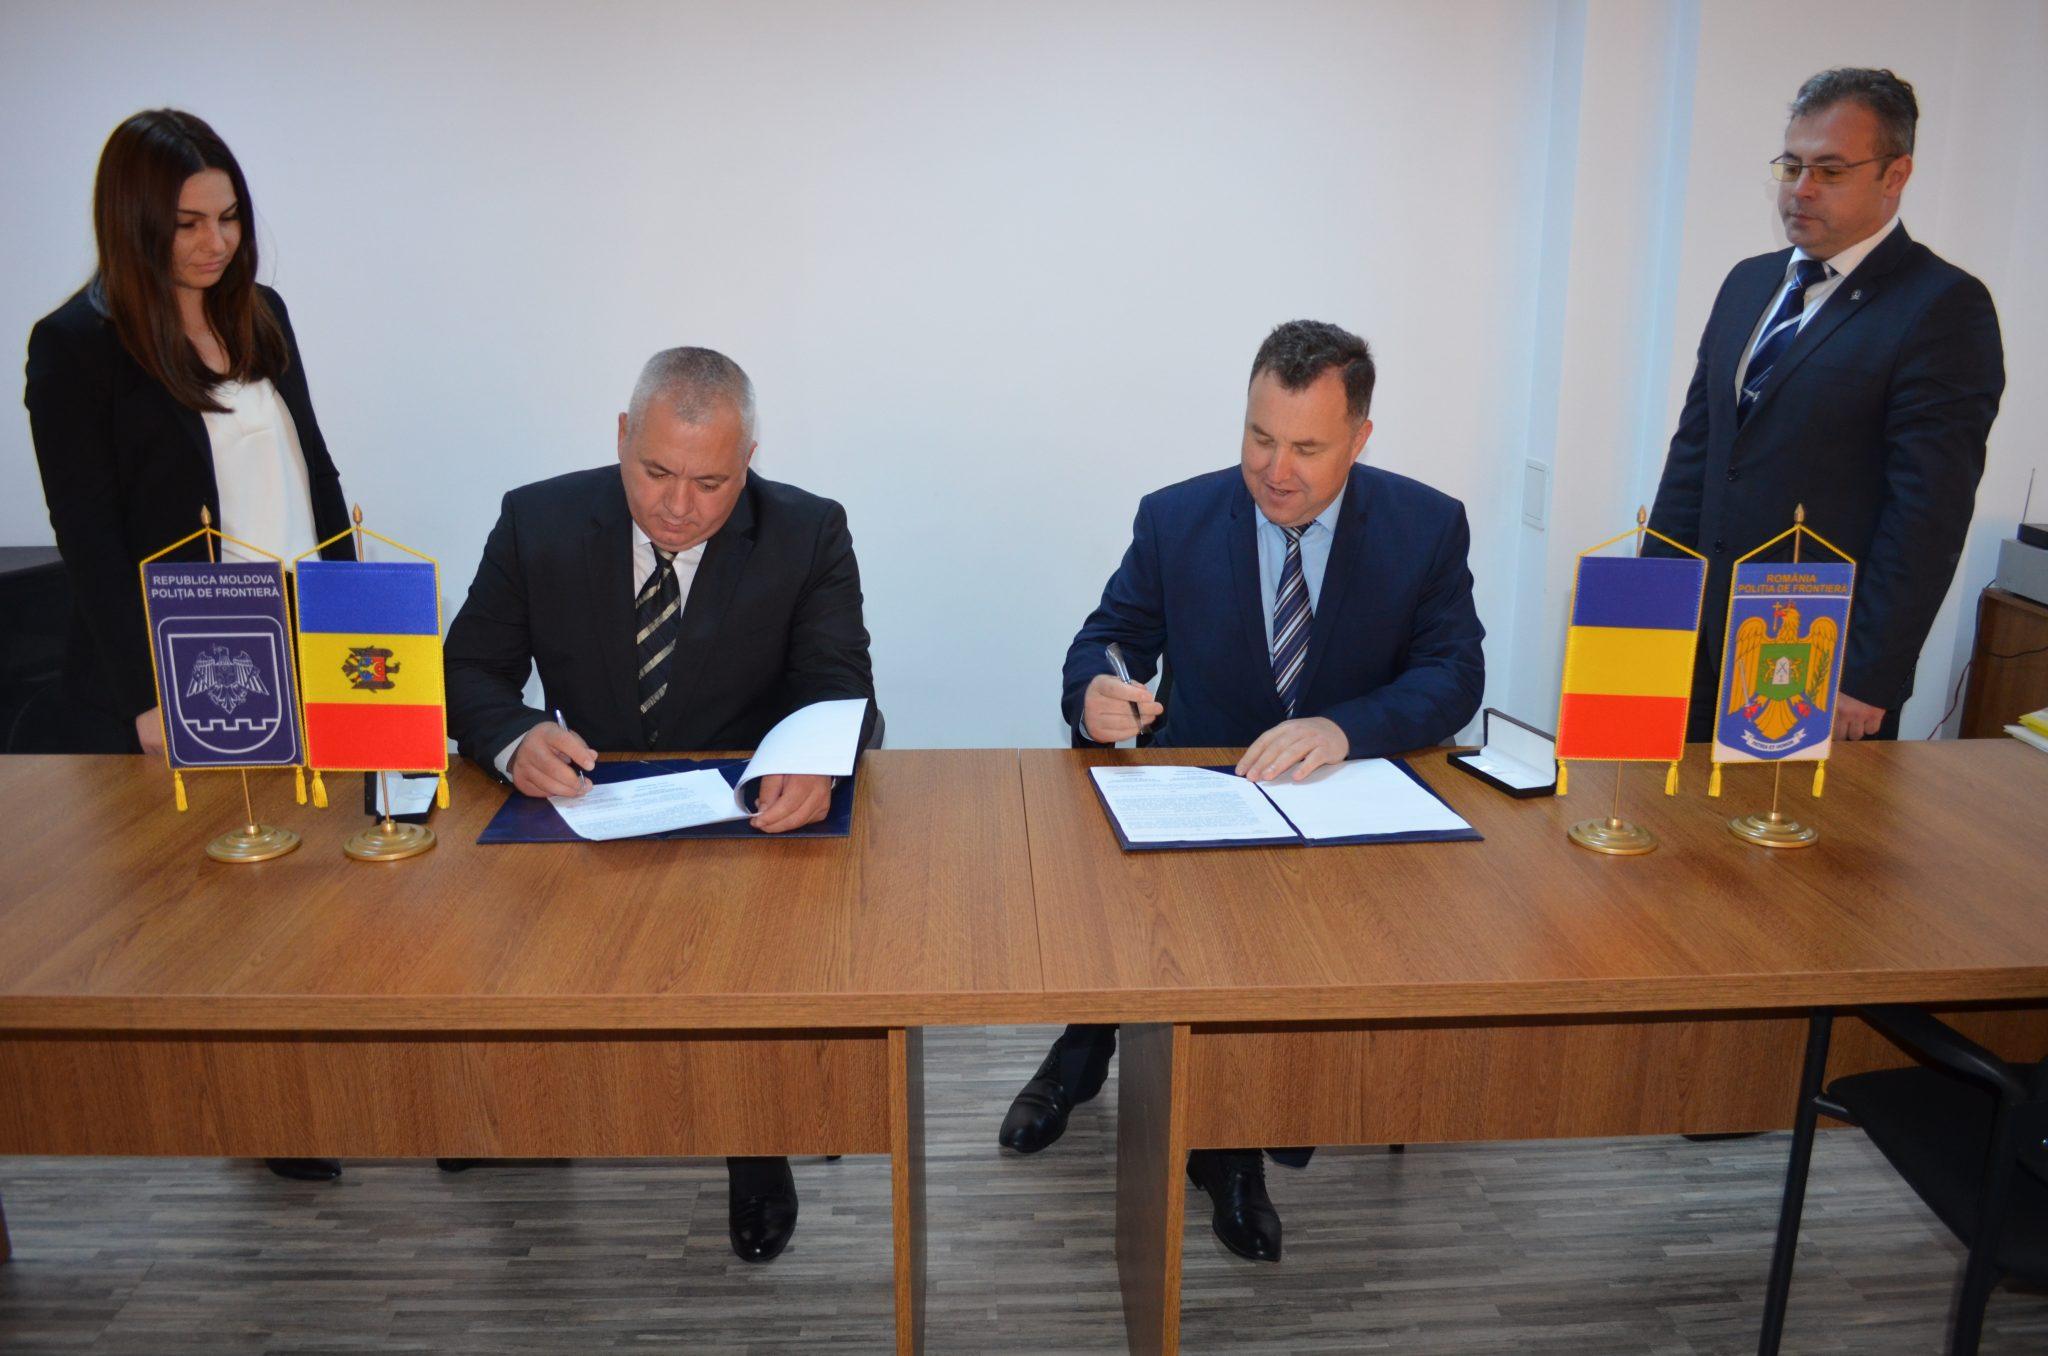 Situația la frontiera moldo-română, discutată în cadrul unei ședințe de lucru la Galați